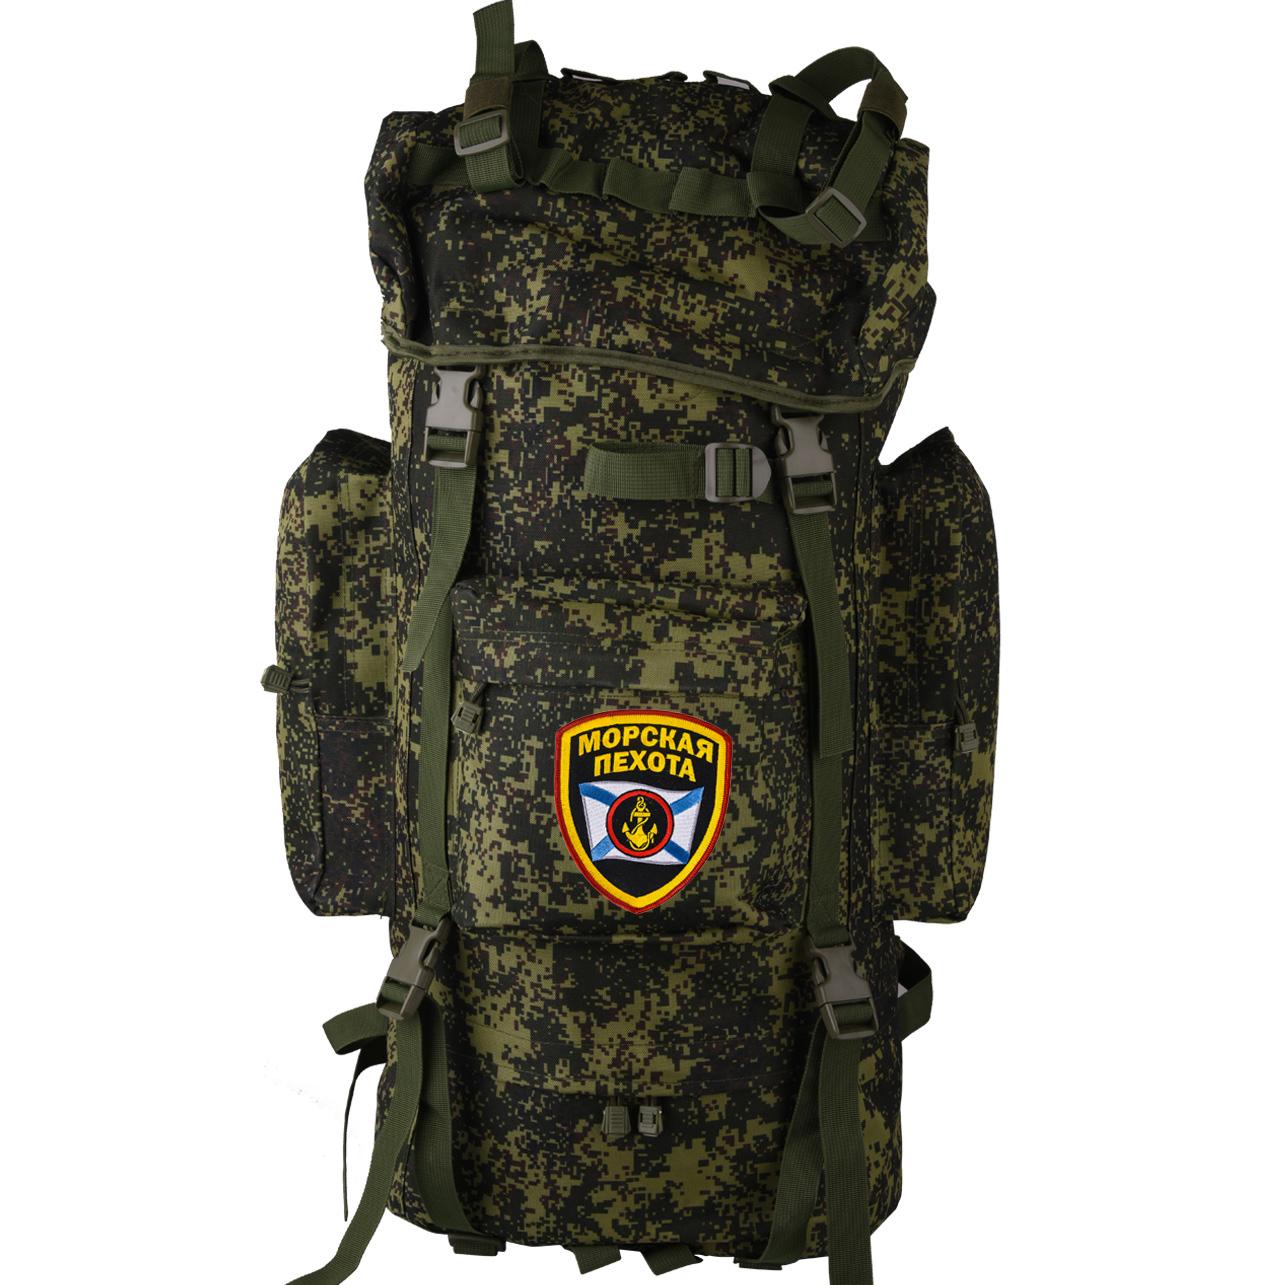 Купить тактический рейдовый рюкзак на 90 литров